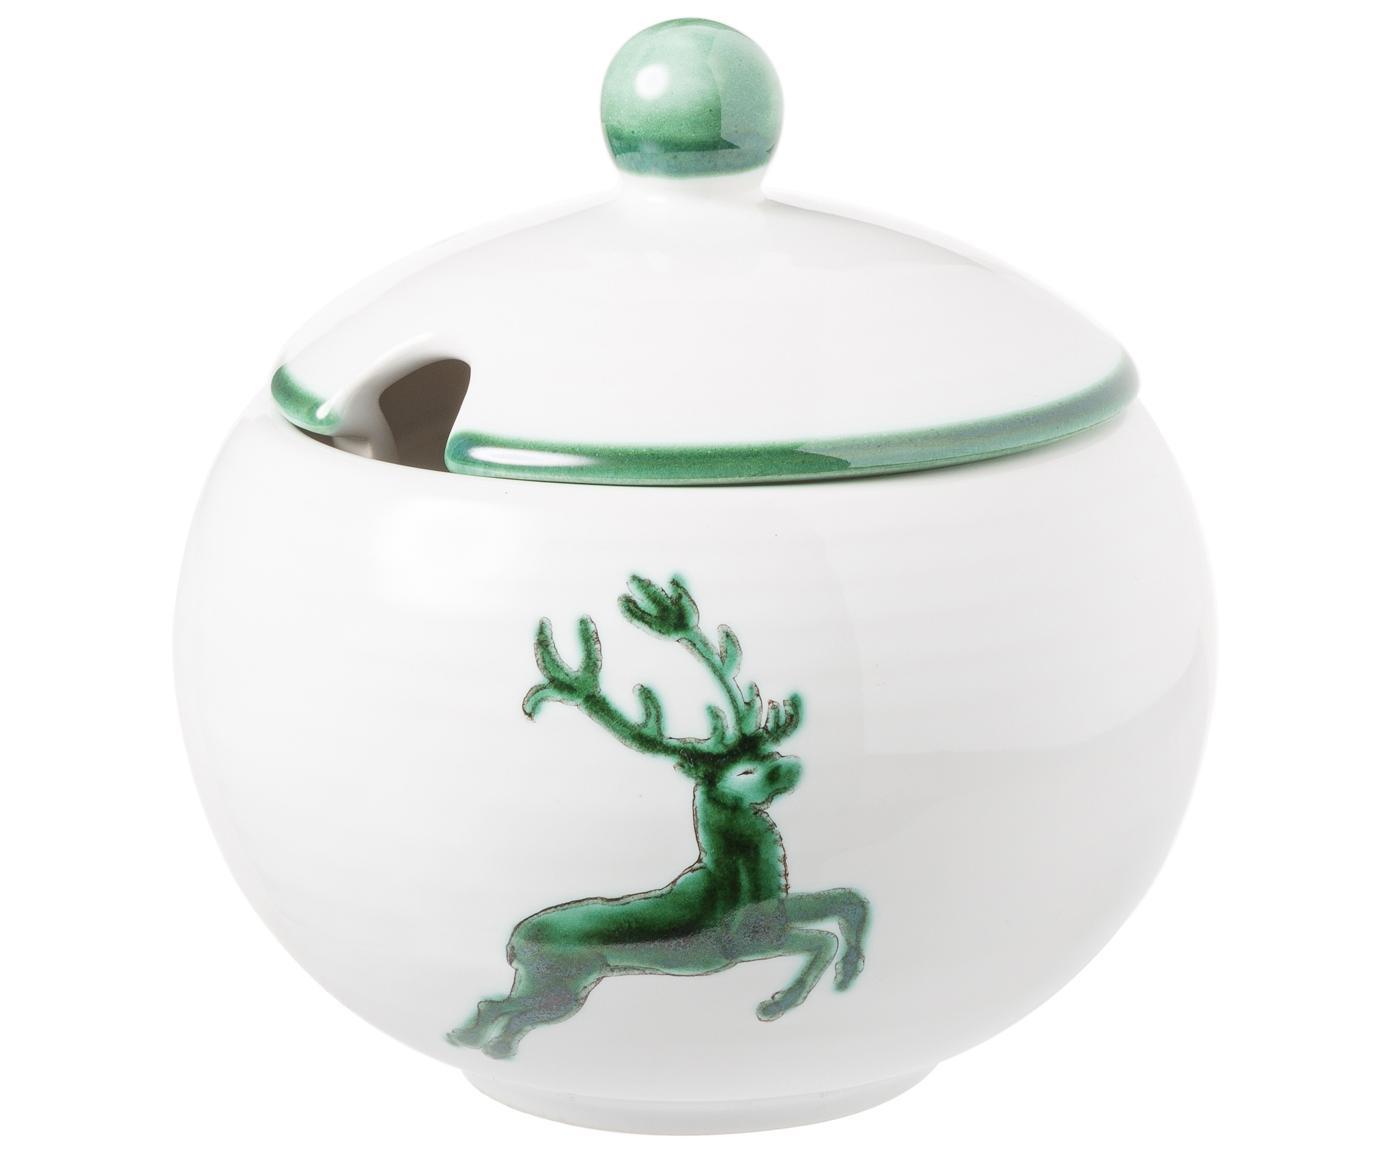 Zuccheriera in ceramica dipinta a mano Classic Grüner Hirsch, Ceramica, Bianco, Ø 10 cm